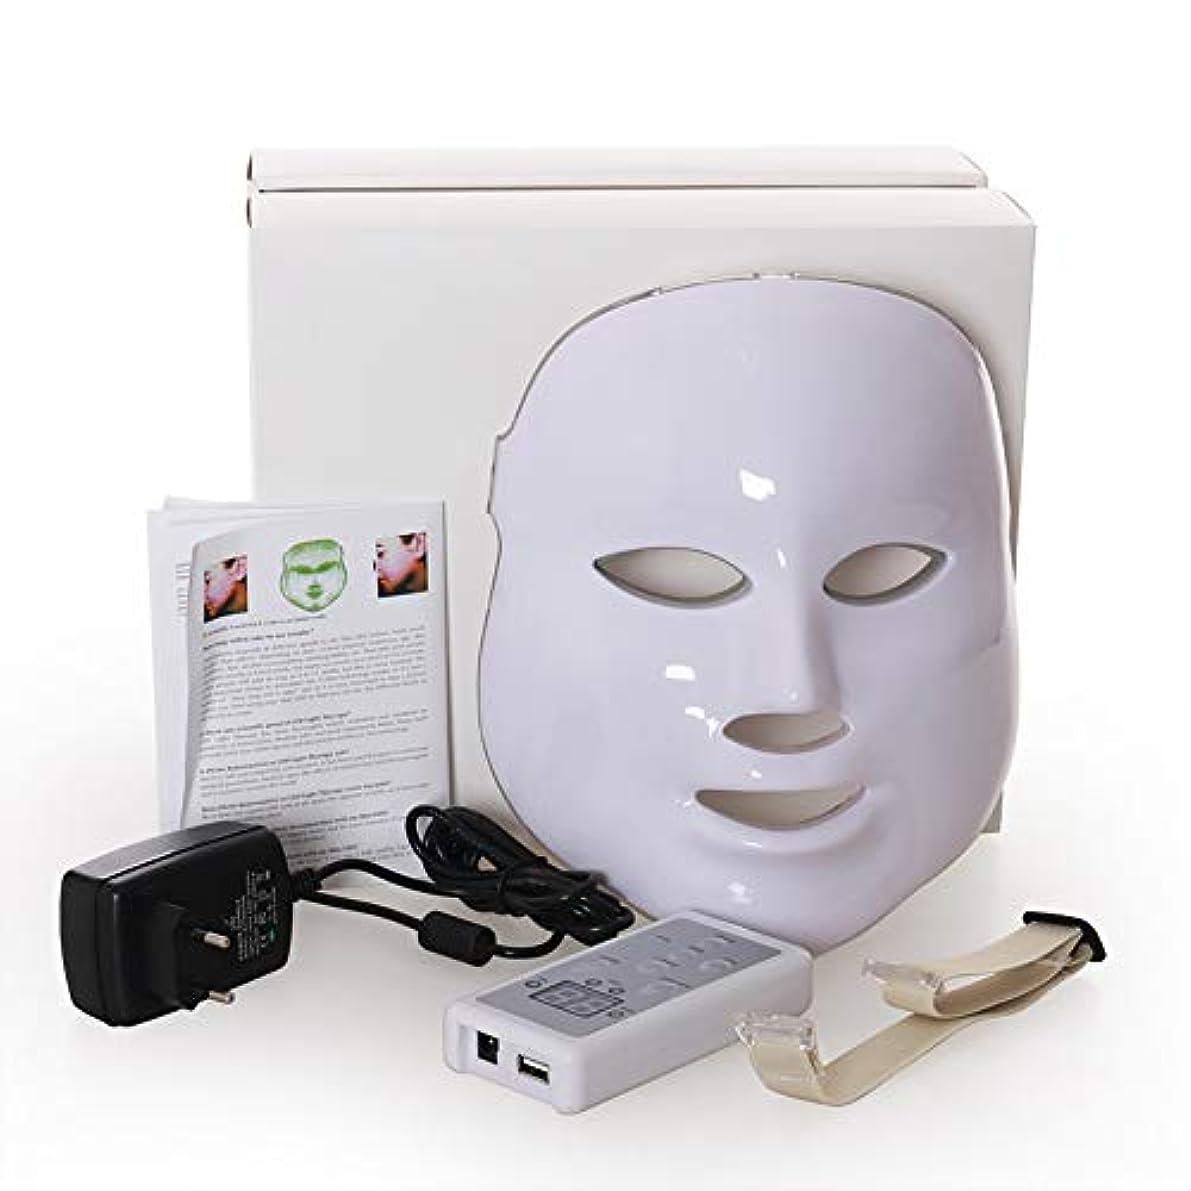 まぶしさ週末放棄するLed のマスク、7色はしわ、にきび及び健康な皮の若返りのコラーゲン、反老化の美のマスクのための軽い療法の顔のスキンケアのマスクを導きました